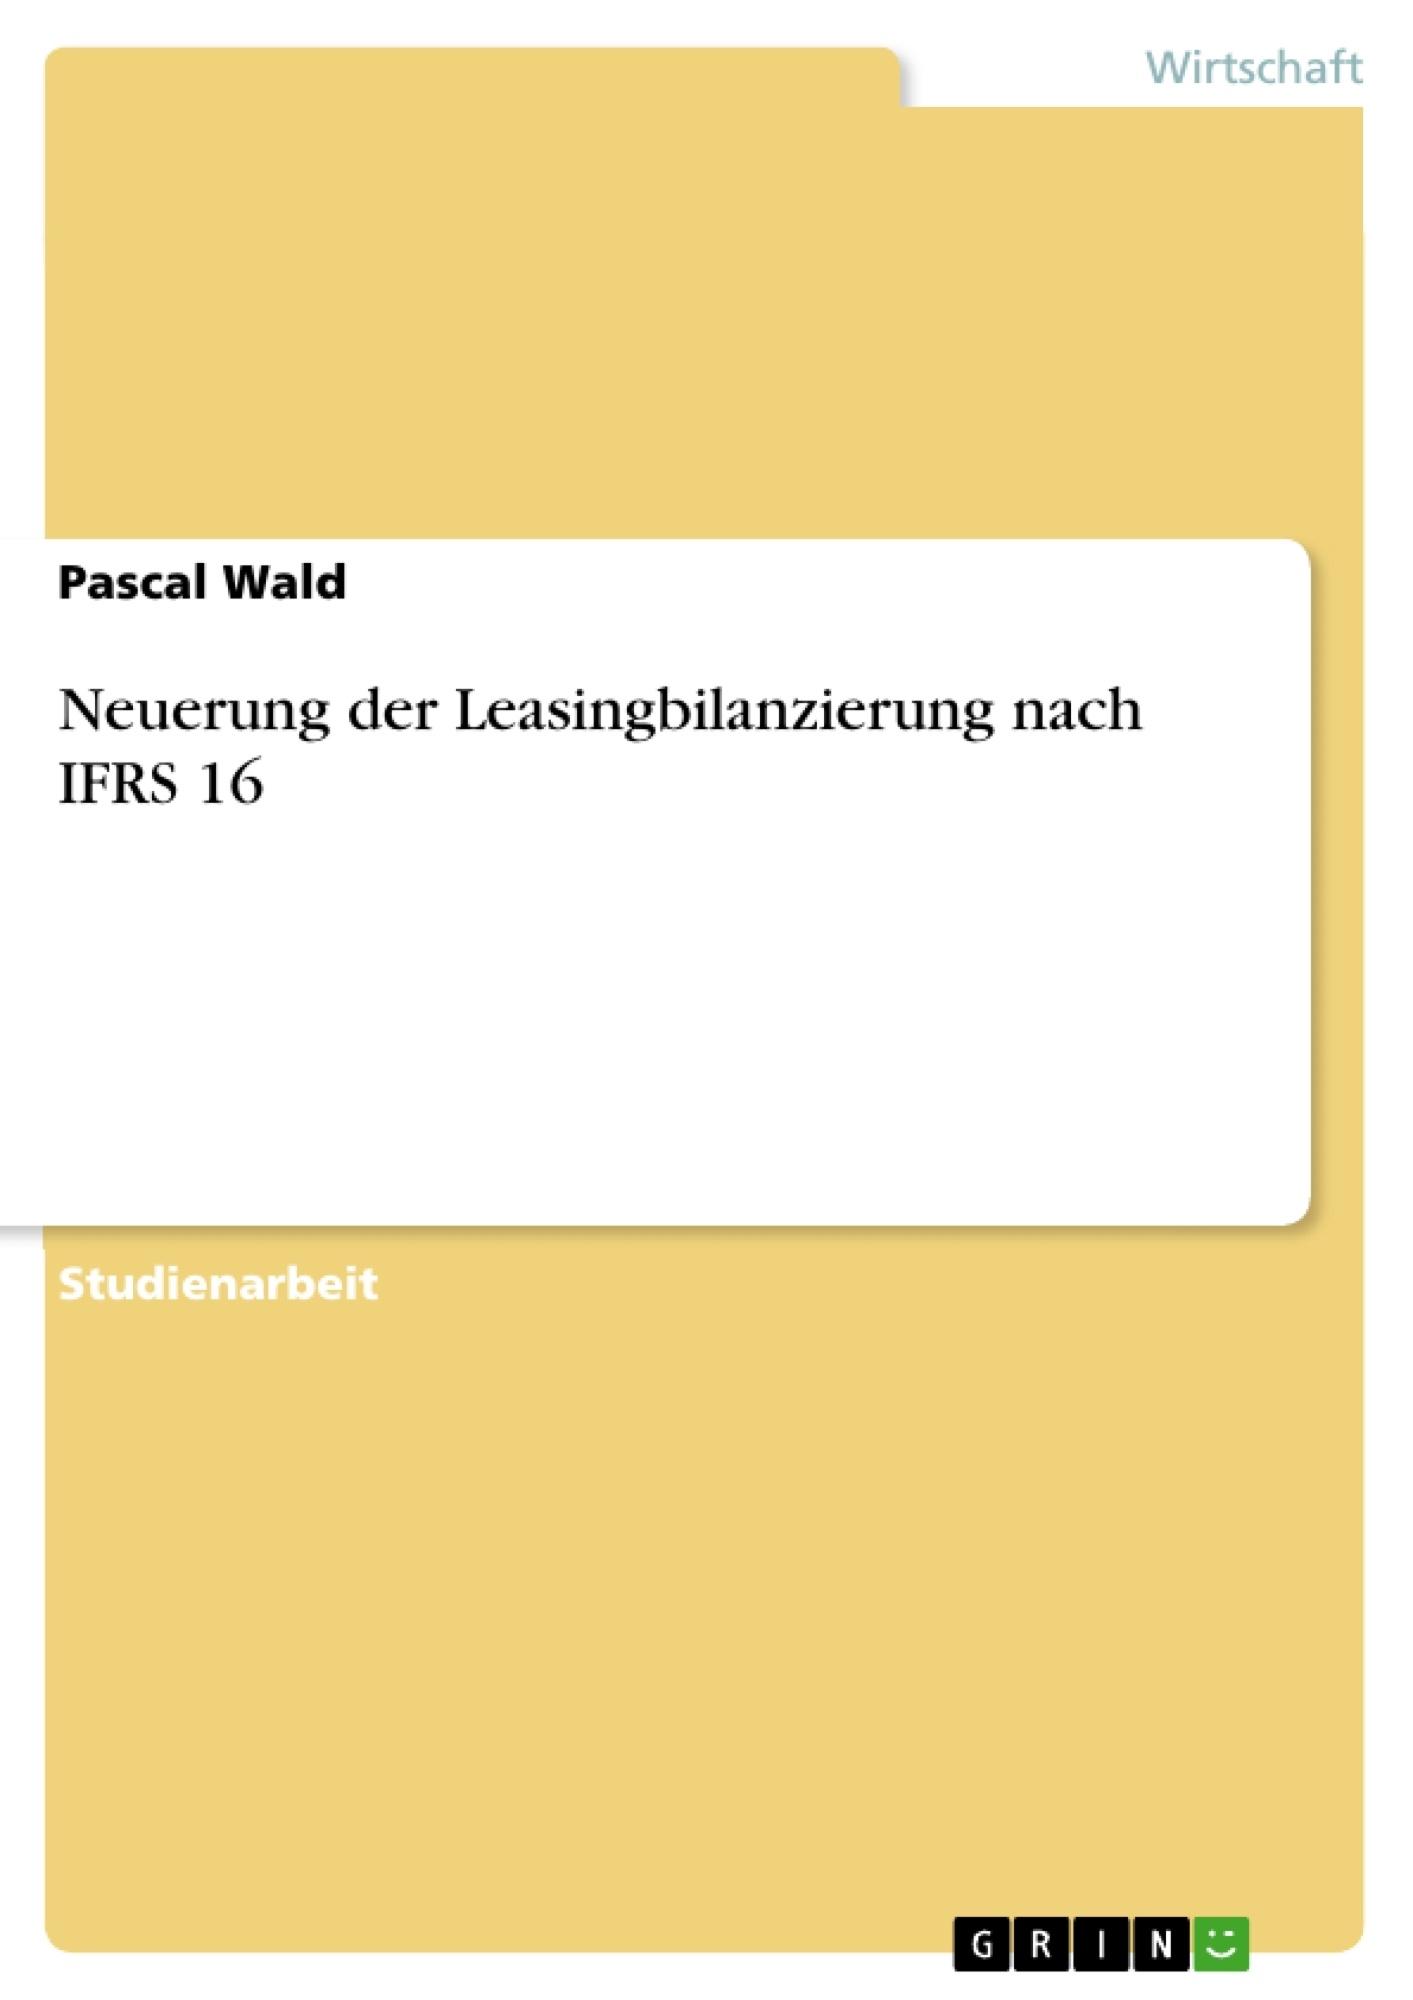 Titel: Neuerung der Leasingbilanzierung nach IFRS 16